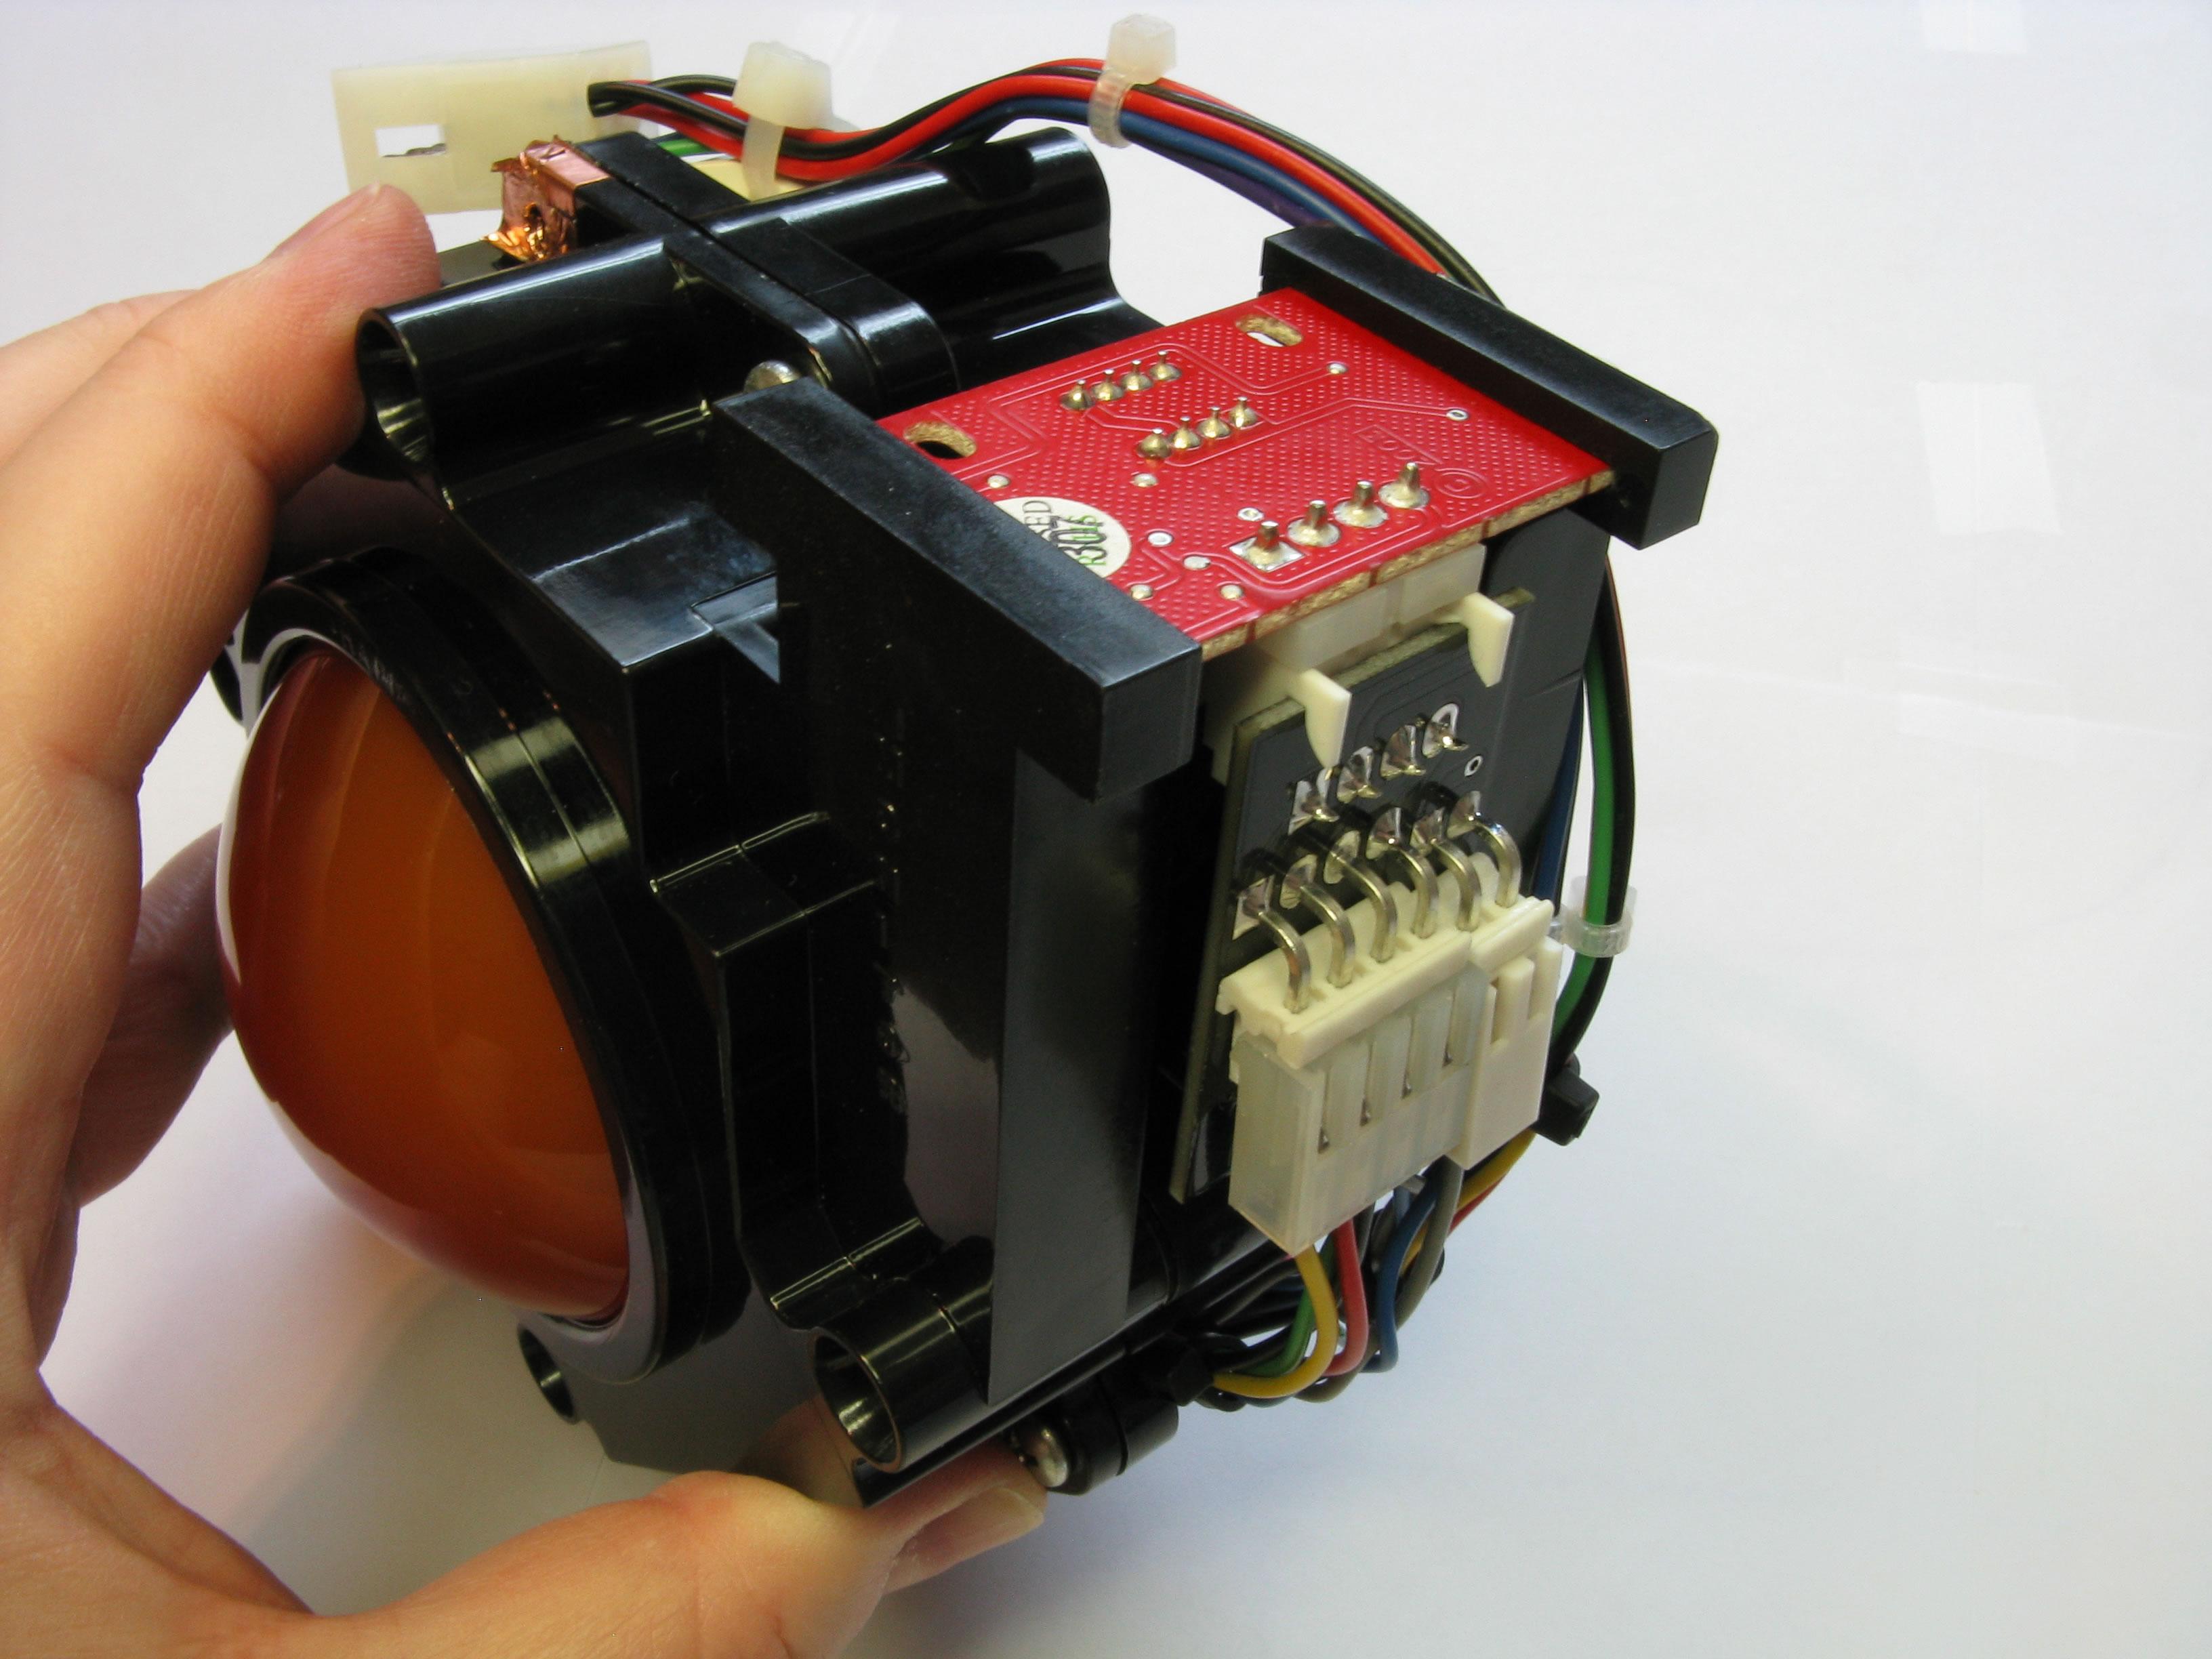 BXTLC: Trackball Light Controller